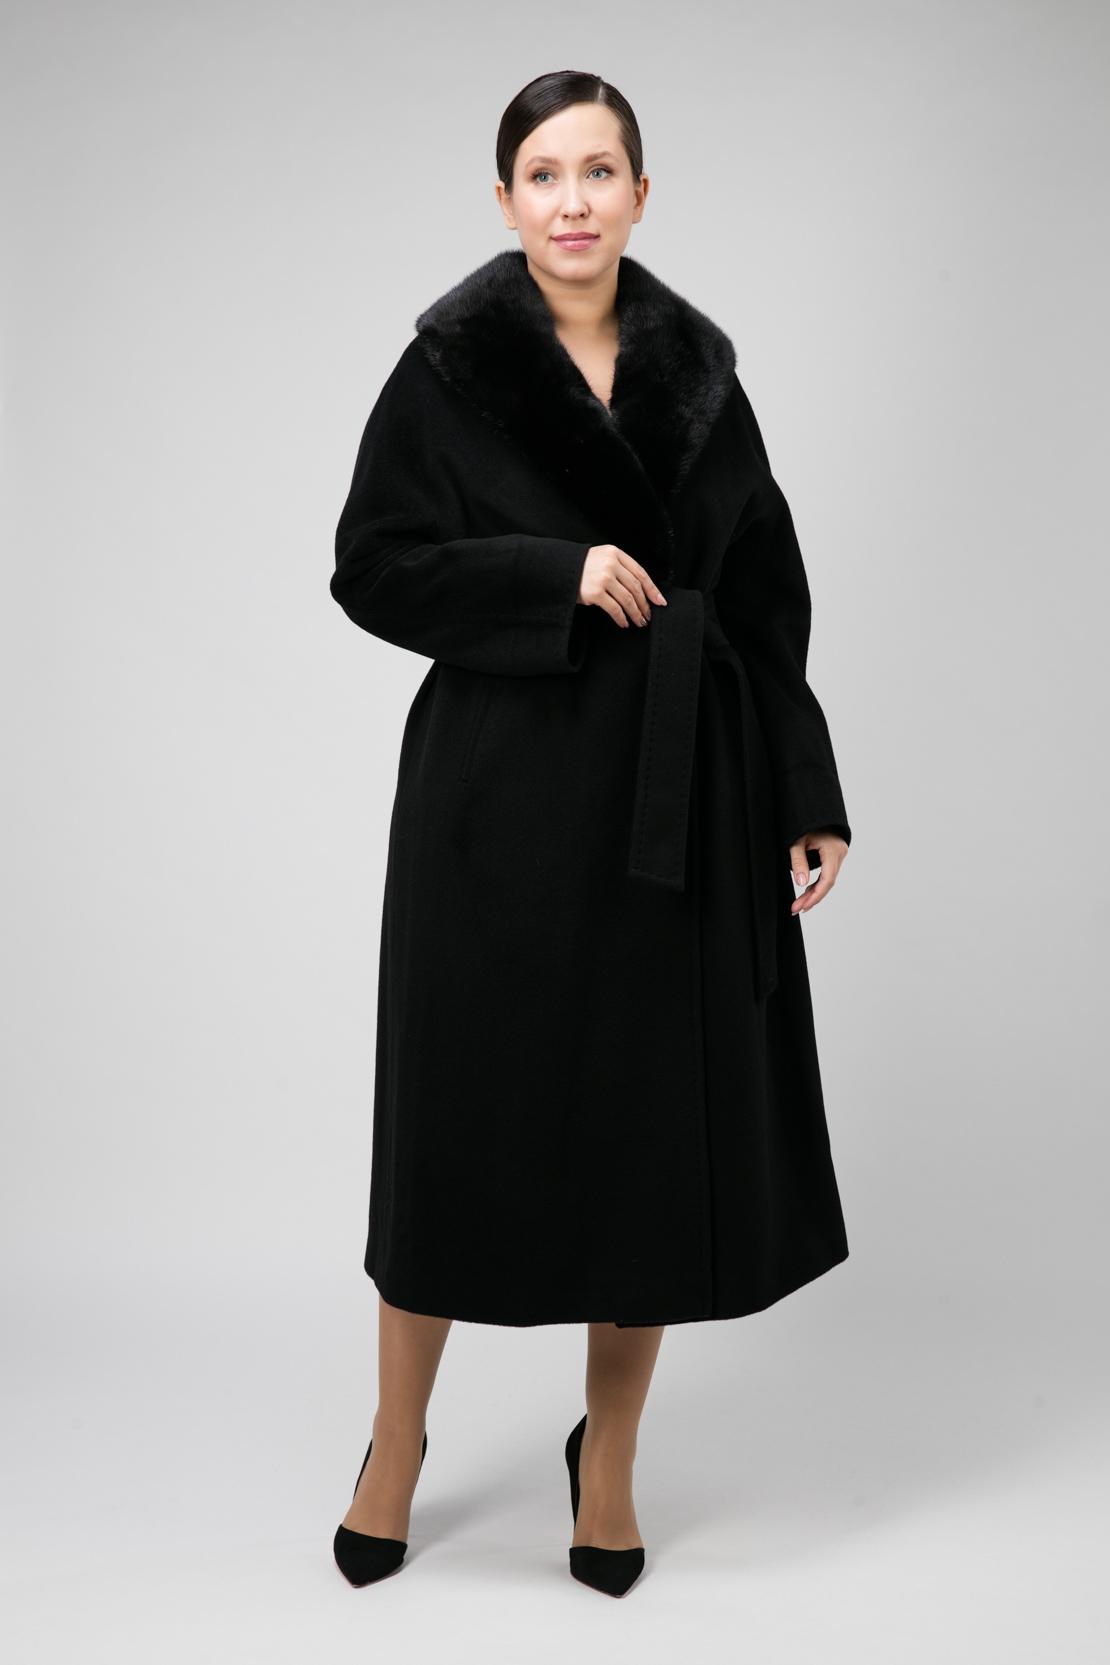 Пальто с меховым воротником на большой размер фото